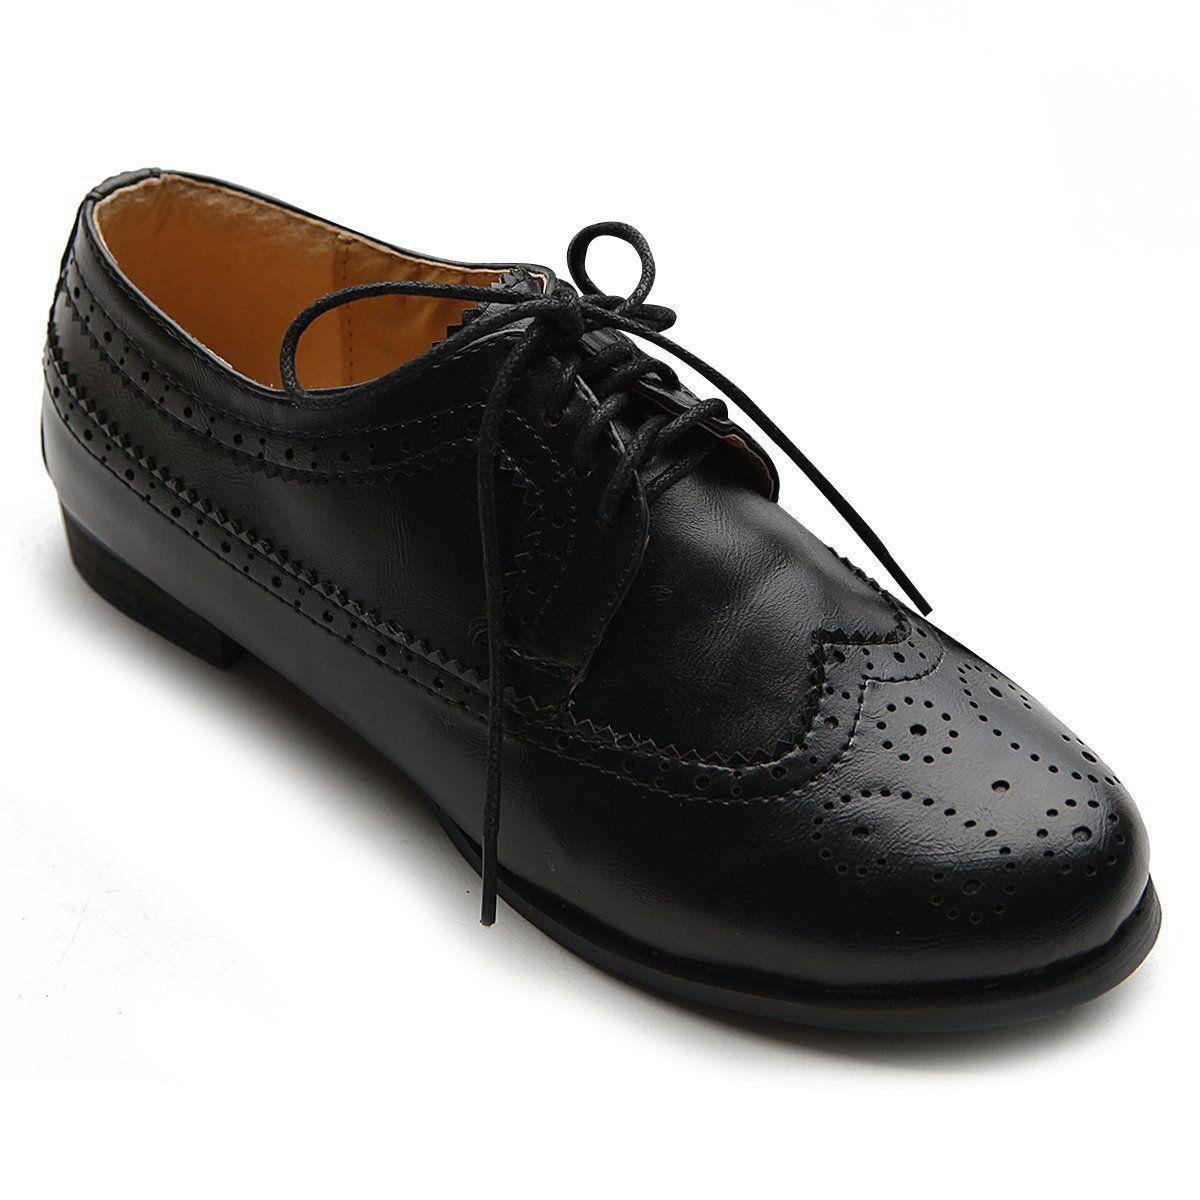 Amazon Com Ollio Women S Shoe Lace Up Low Heels Wingtip Dress Oxford 5 5 B M Us Black Shoes Shoe Laces Dress Shoes Men Shoes [ 1200 x 1200 Pixel ]